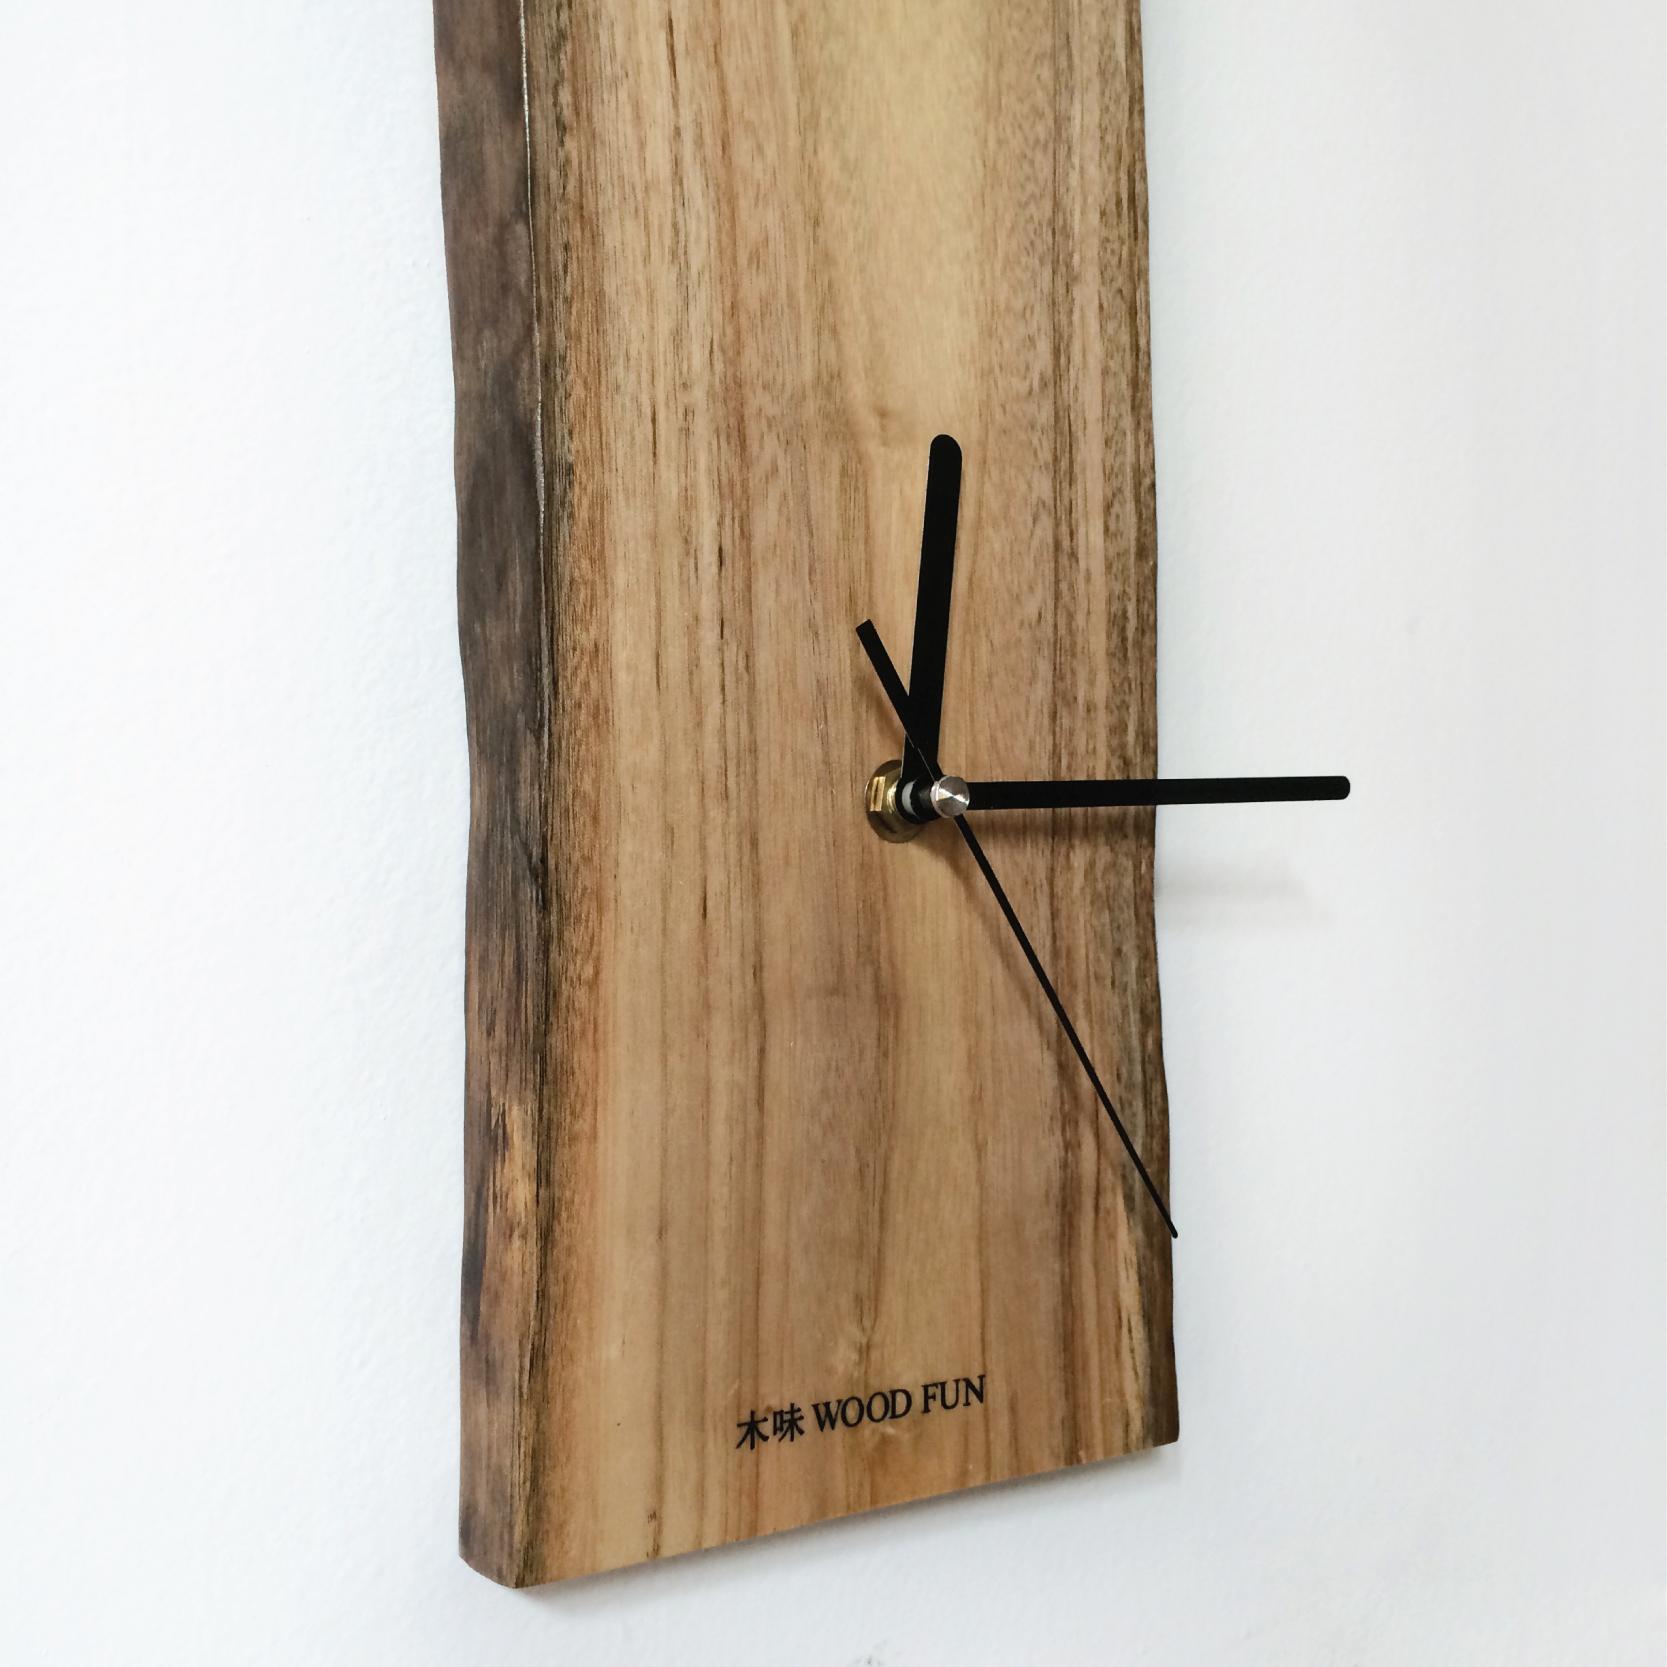 木味自然實木原木木質長方形木頭文藝現代簡約田園北歐掛鐘表